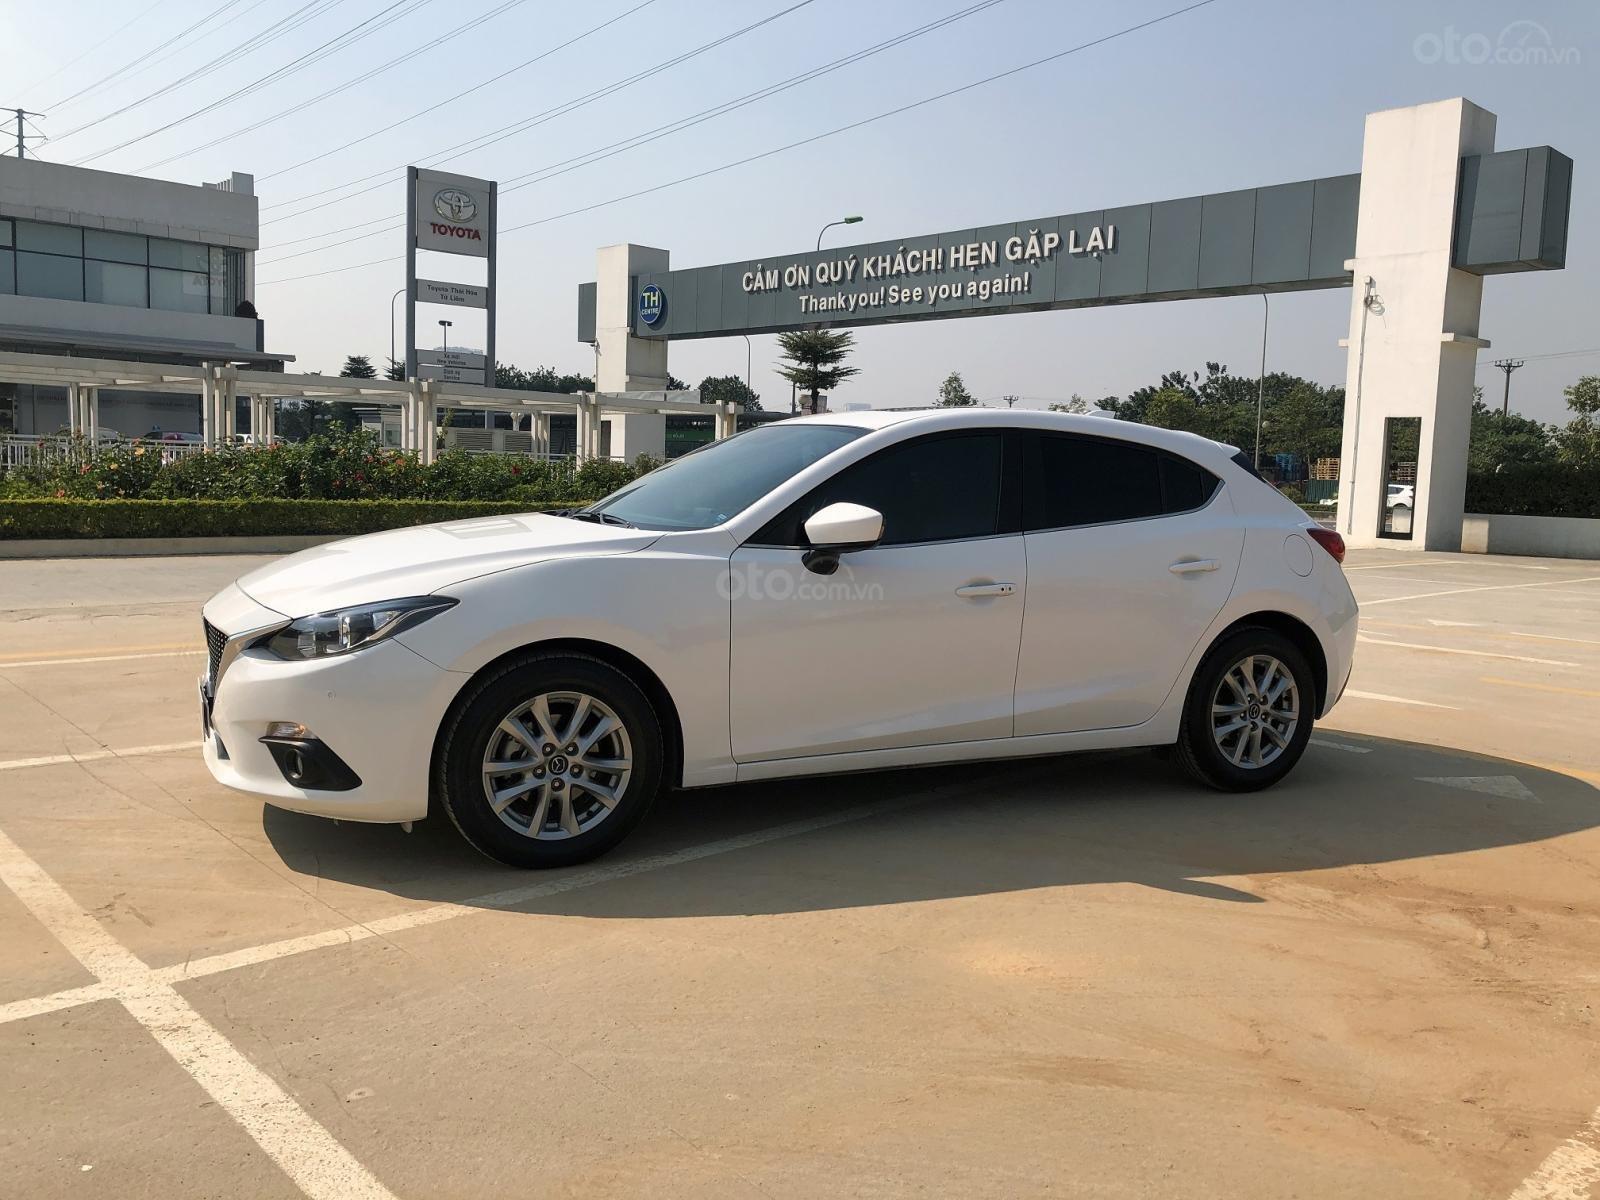 Bán xe Mazda 3 1.5 Hatchback AT năm sản xuất 2016, màu trắng (5)